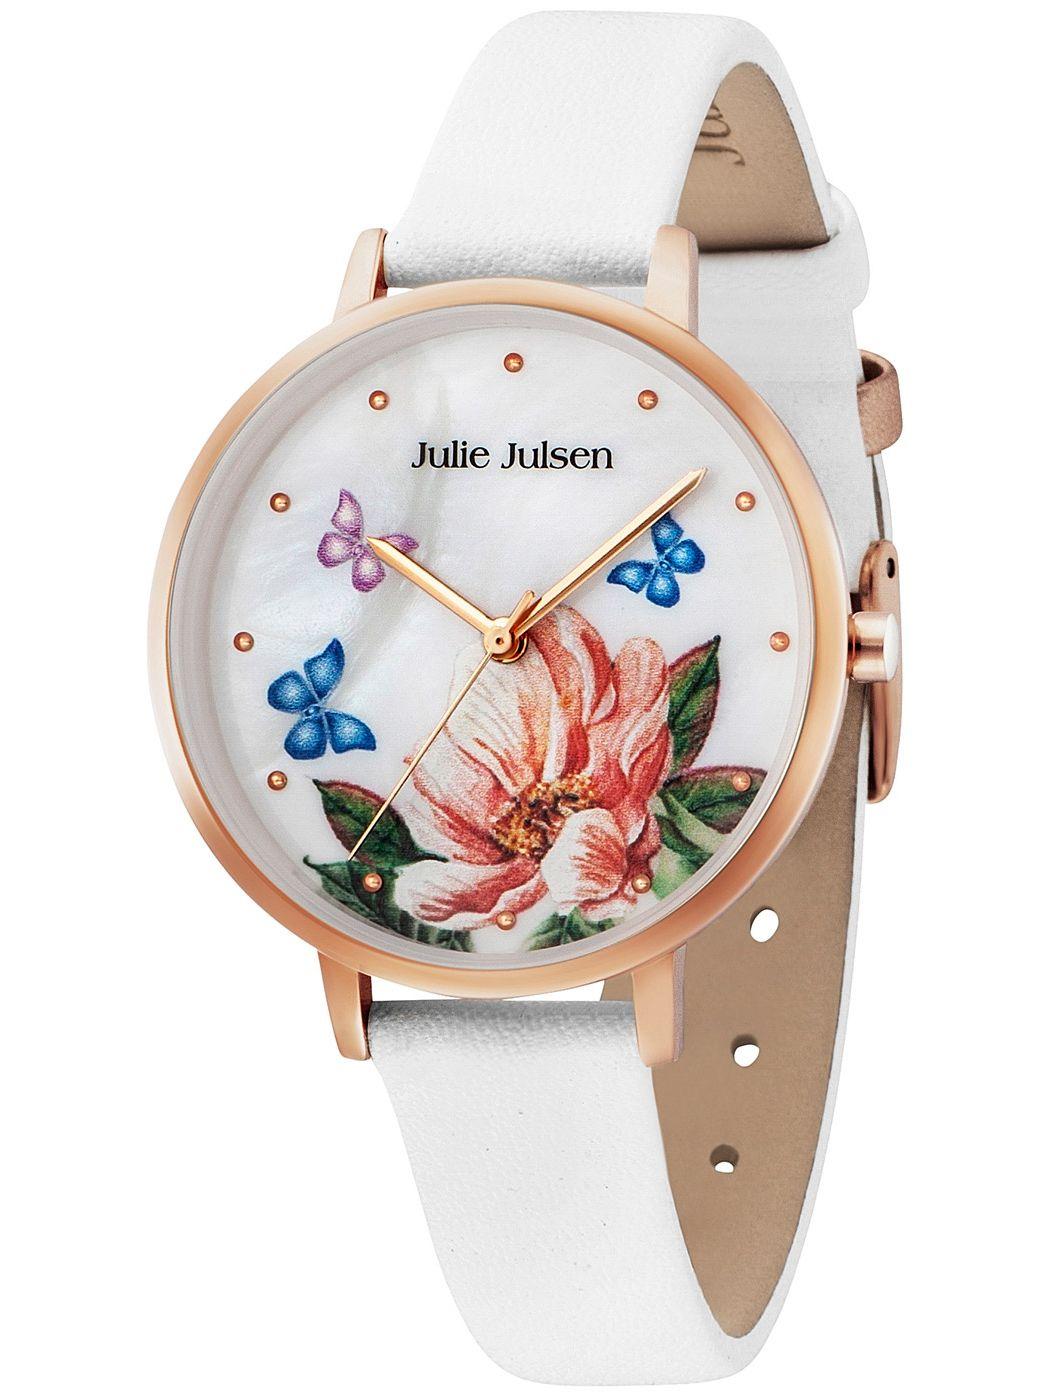 Julie Julsen JJW90RGL-9 Damenuhr Blume und Schmetterlinge